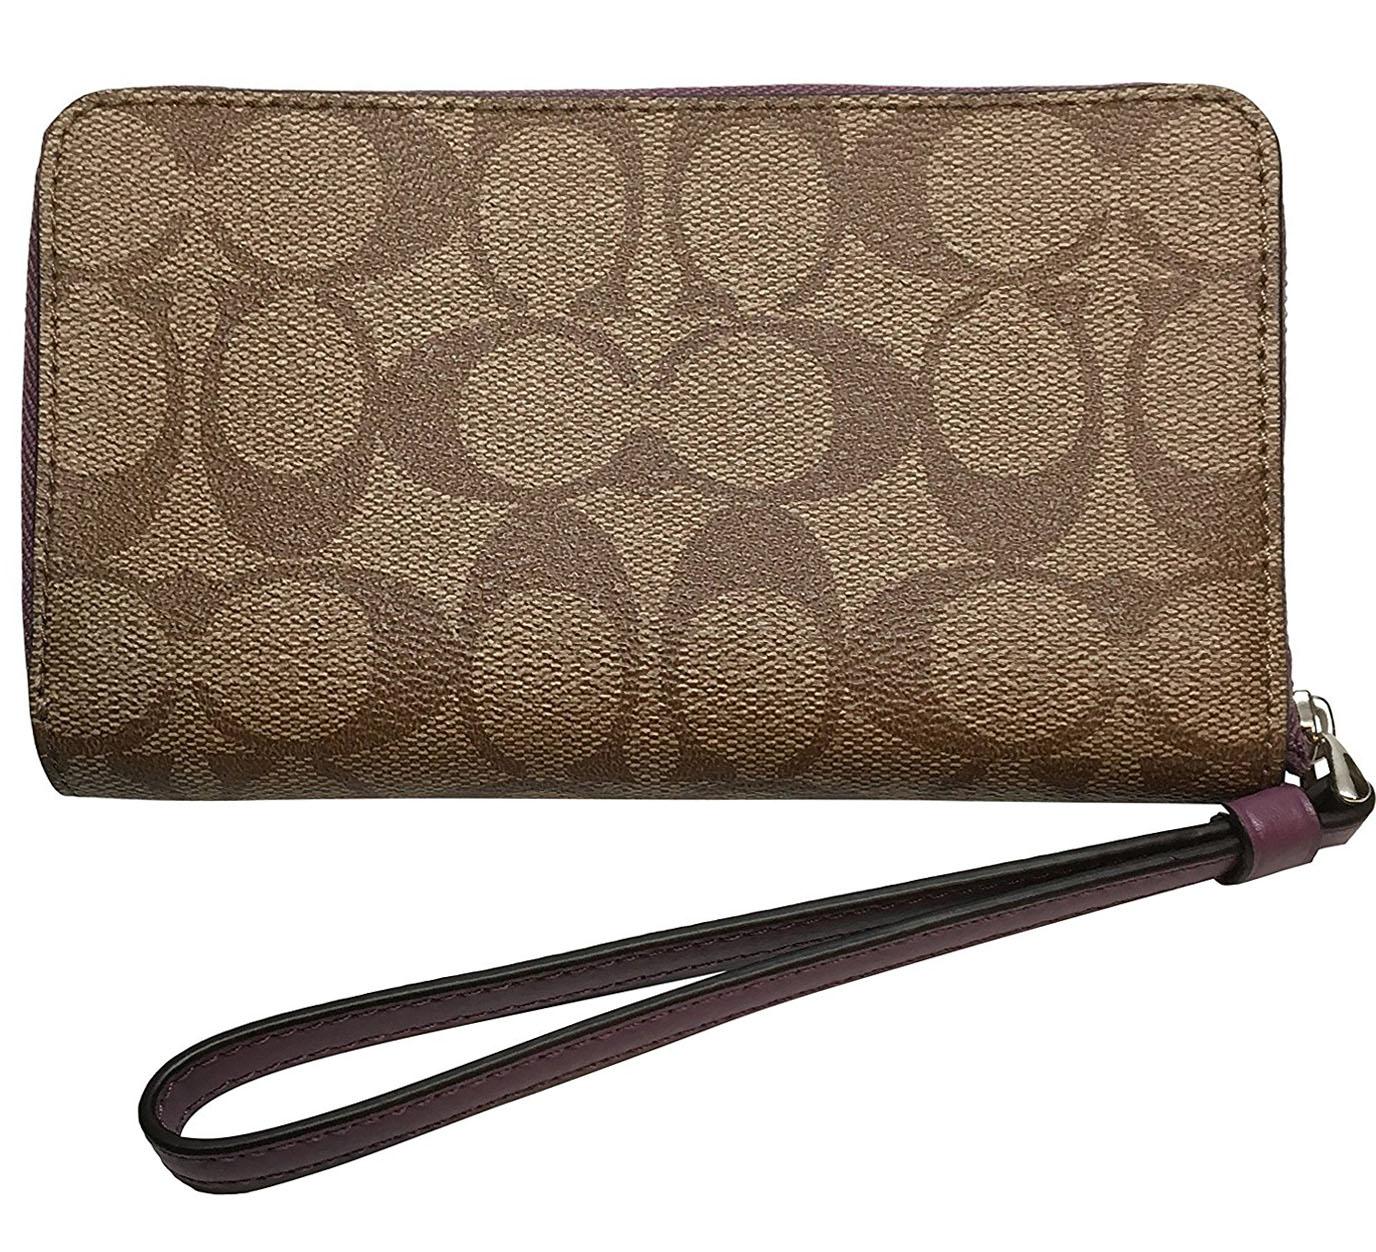 Coach Phone Wallet In Signature Coated Canvas Khaki Oxblood   F57468 a62c0aa2e875f